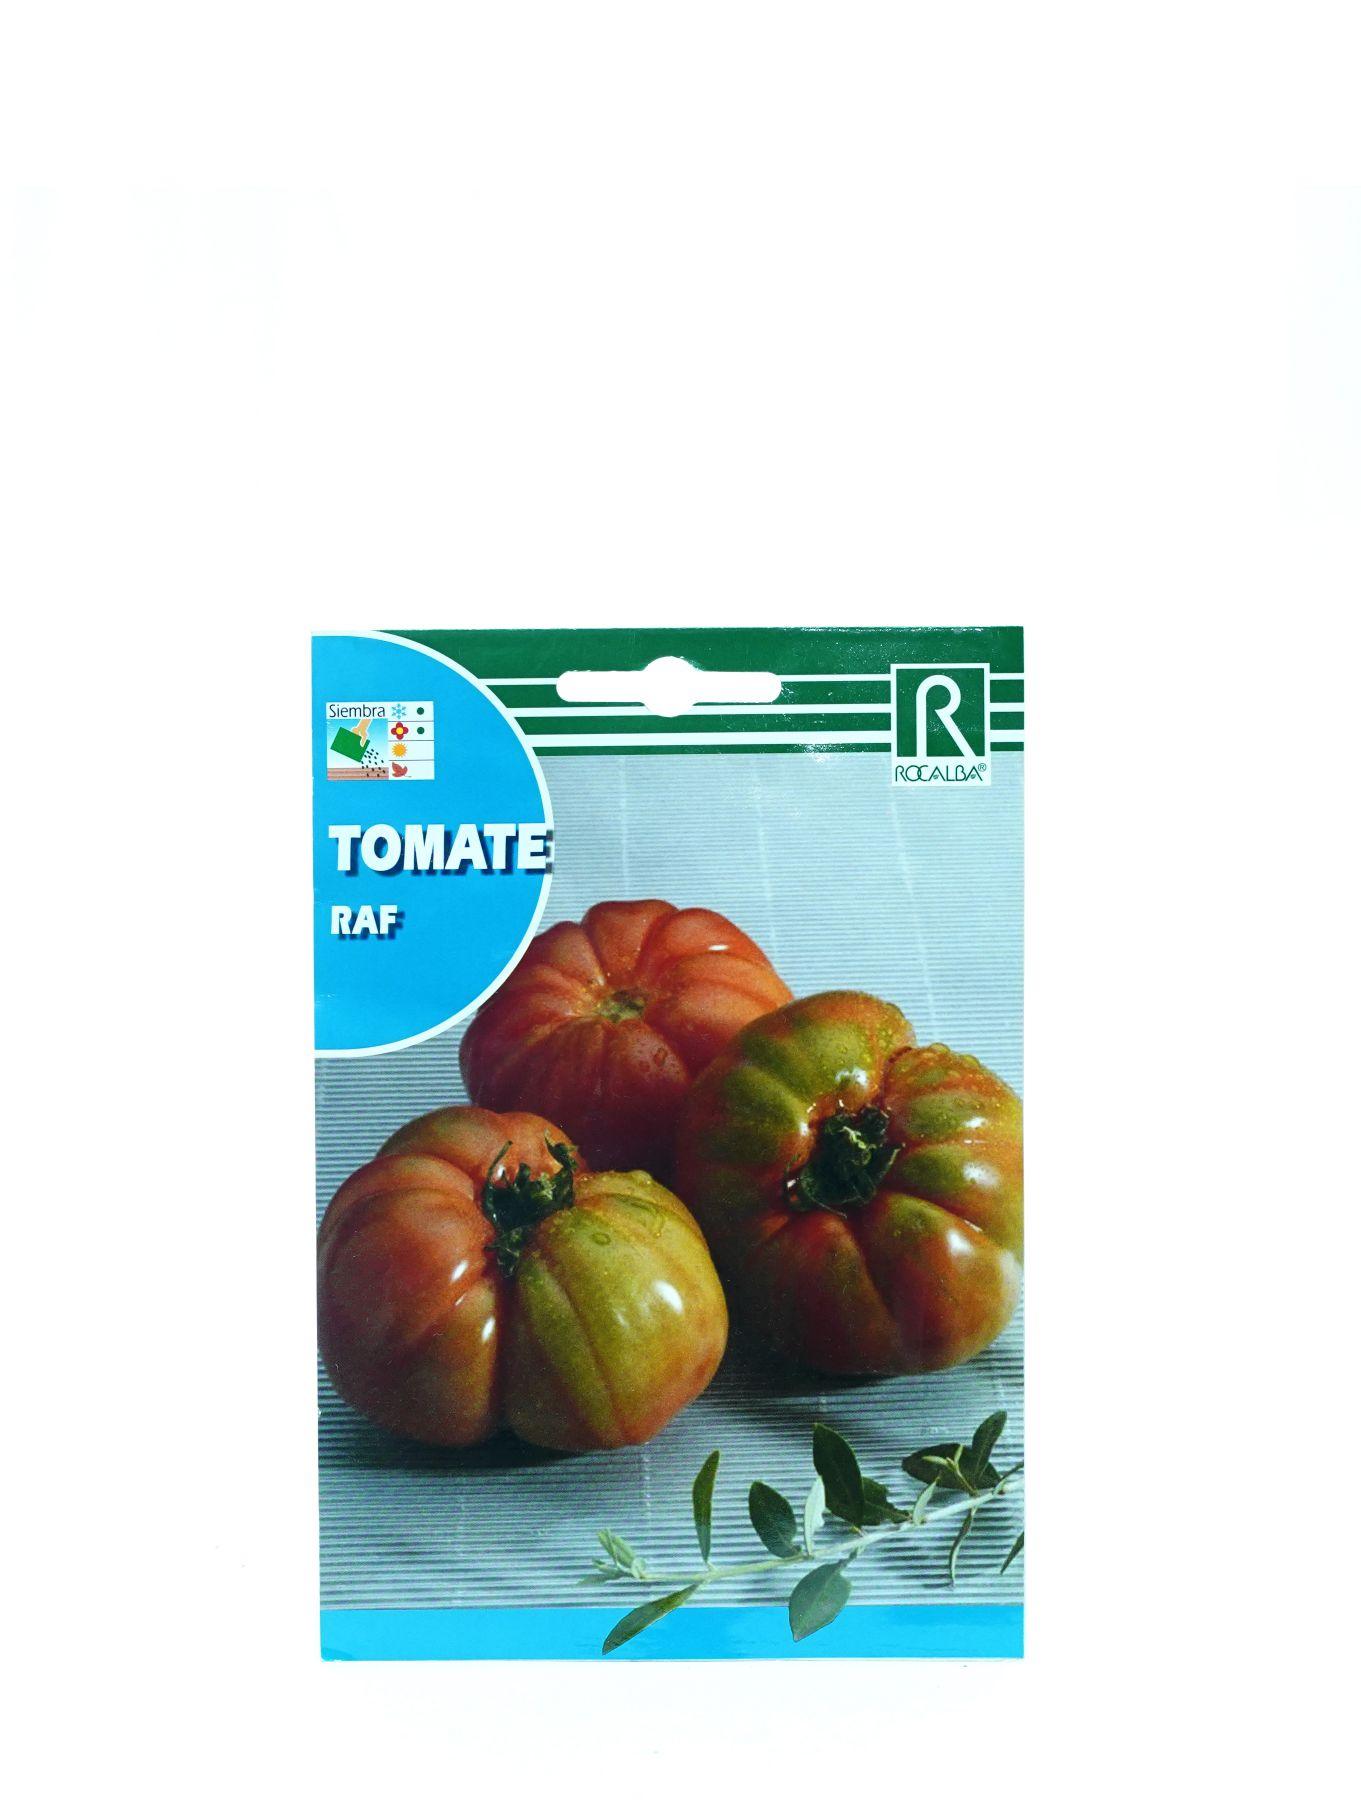 روكالبا الطماطم راف  'بذور'